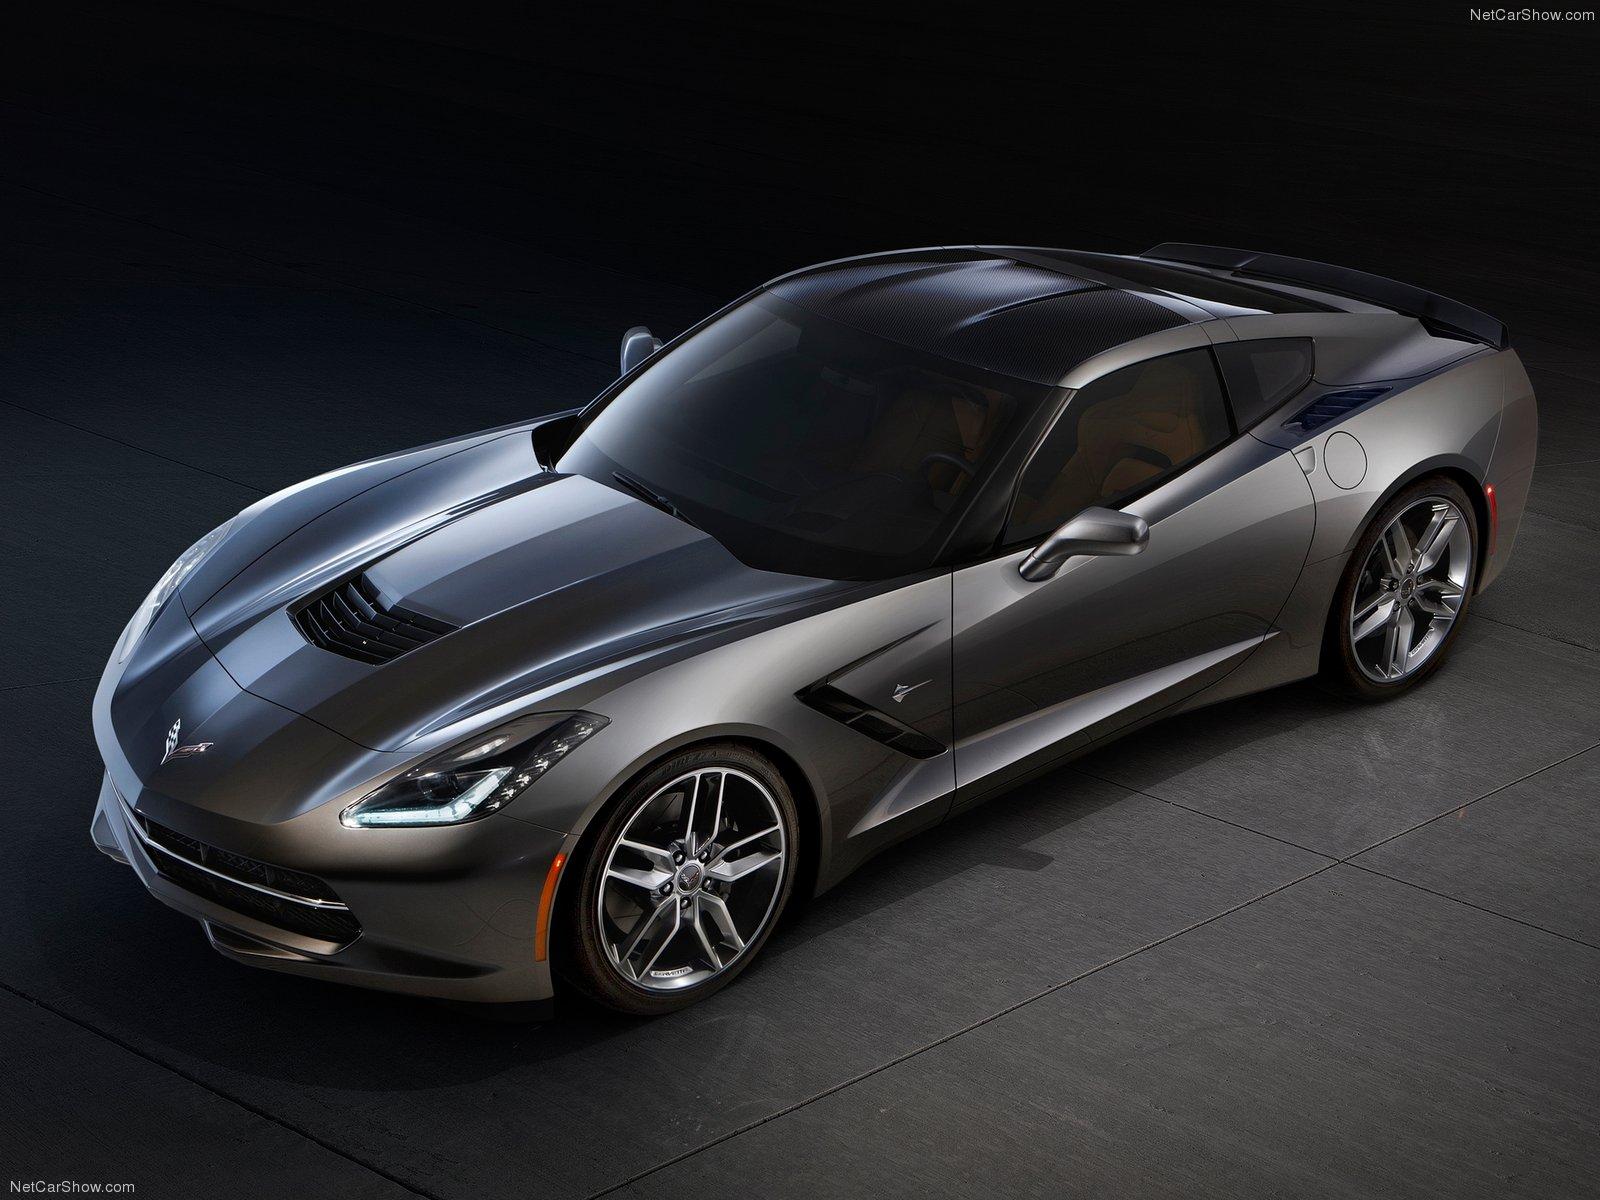 http://4.bp.blogspot.com/-i899YaXMdpw/UPRuKKTJITI/AAAAAAAAC14/ZqYL9e83RI4/s1600/Chevrolet-Corvette_C7_Stingray_2014_1600x1200_wallpaper_04.jpg